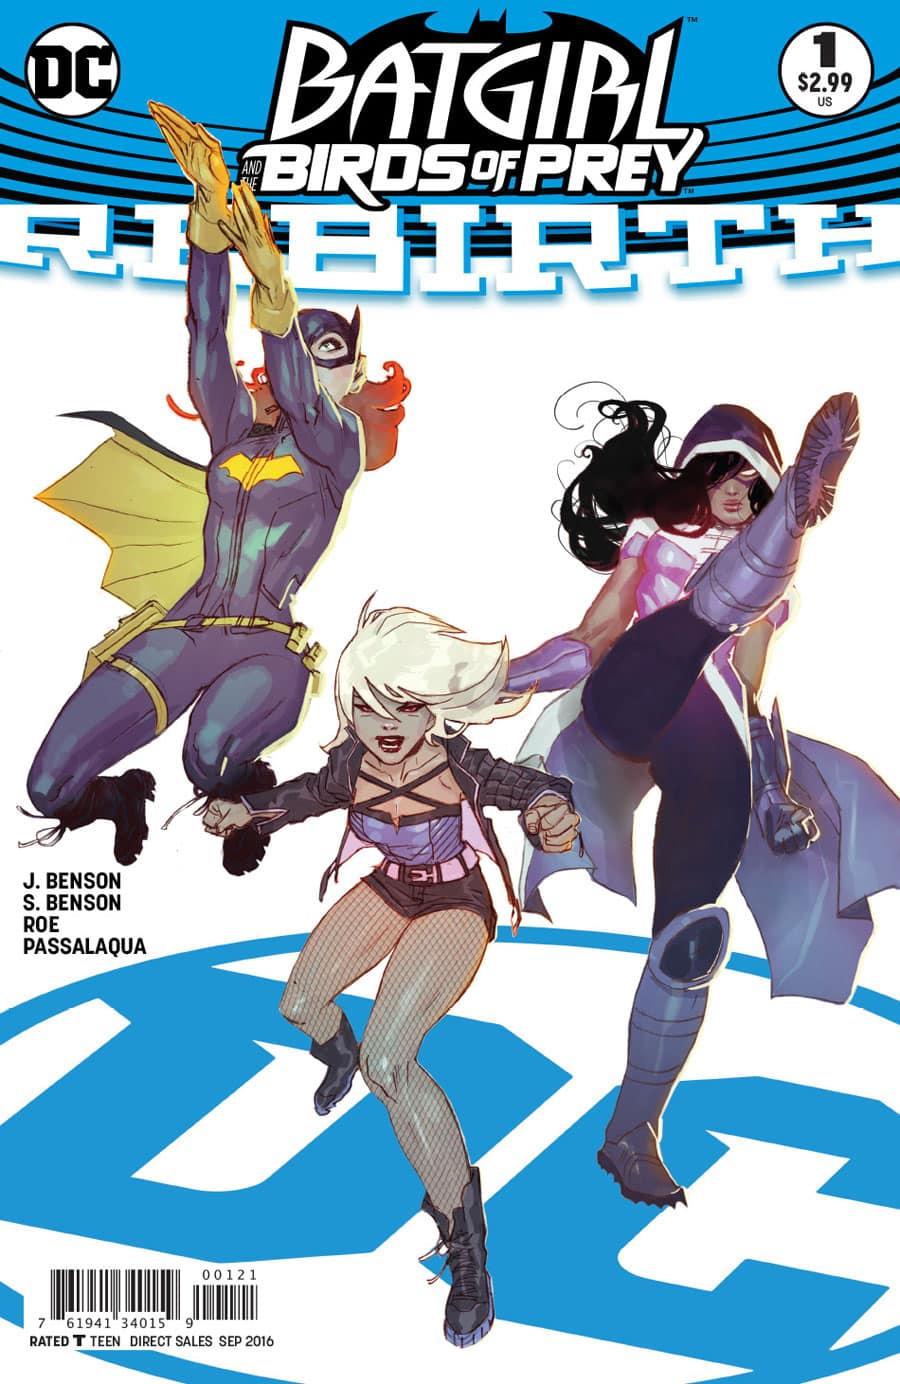 Les comics que vous lisez en ce moment Batgirl-BoP-Rebirth-1-CV2